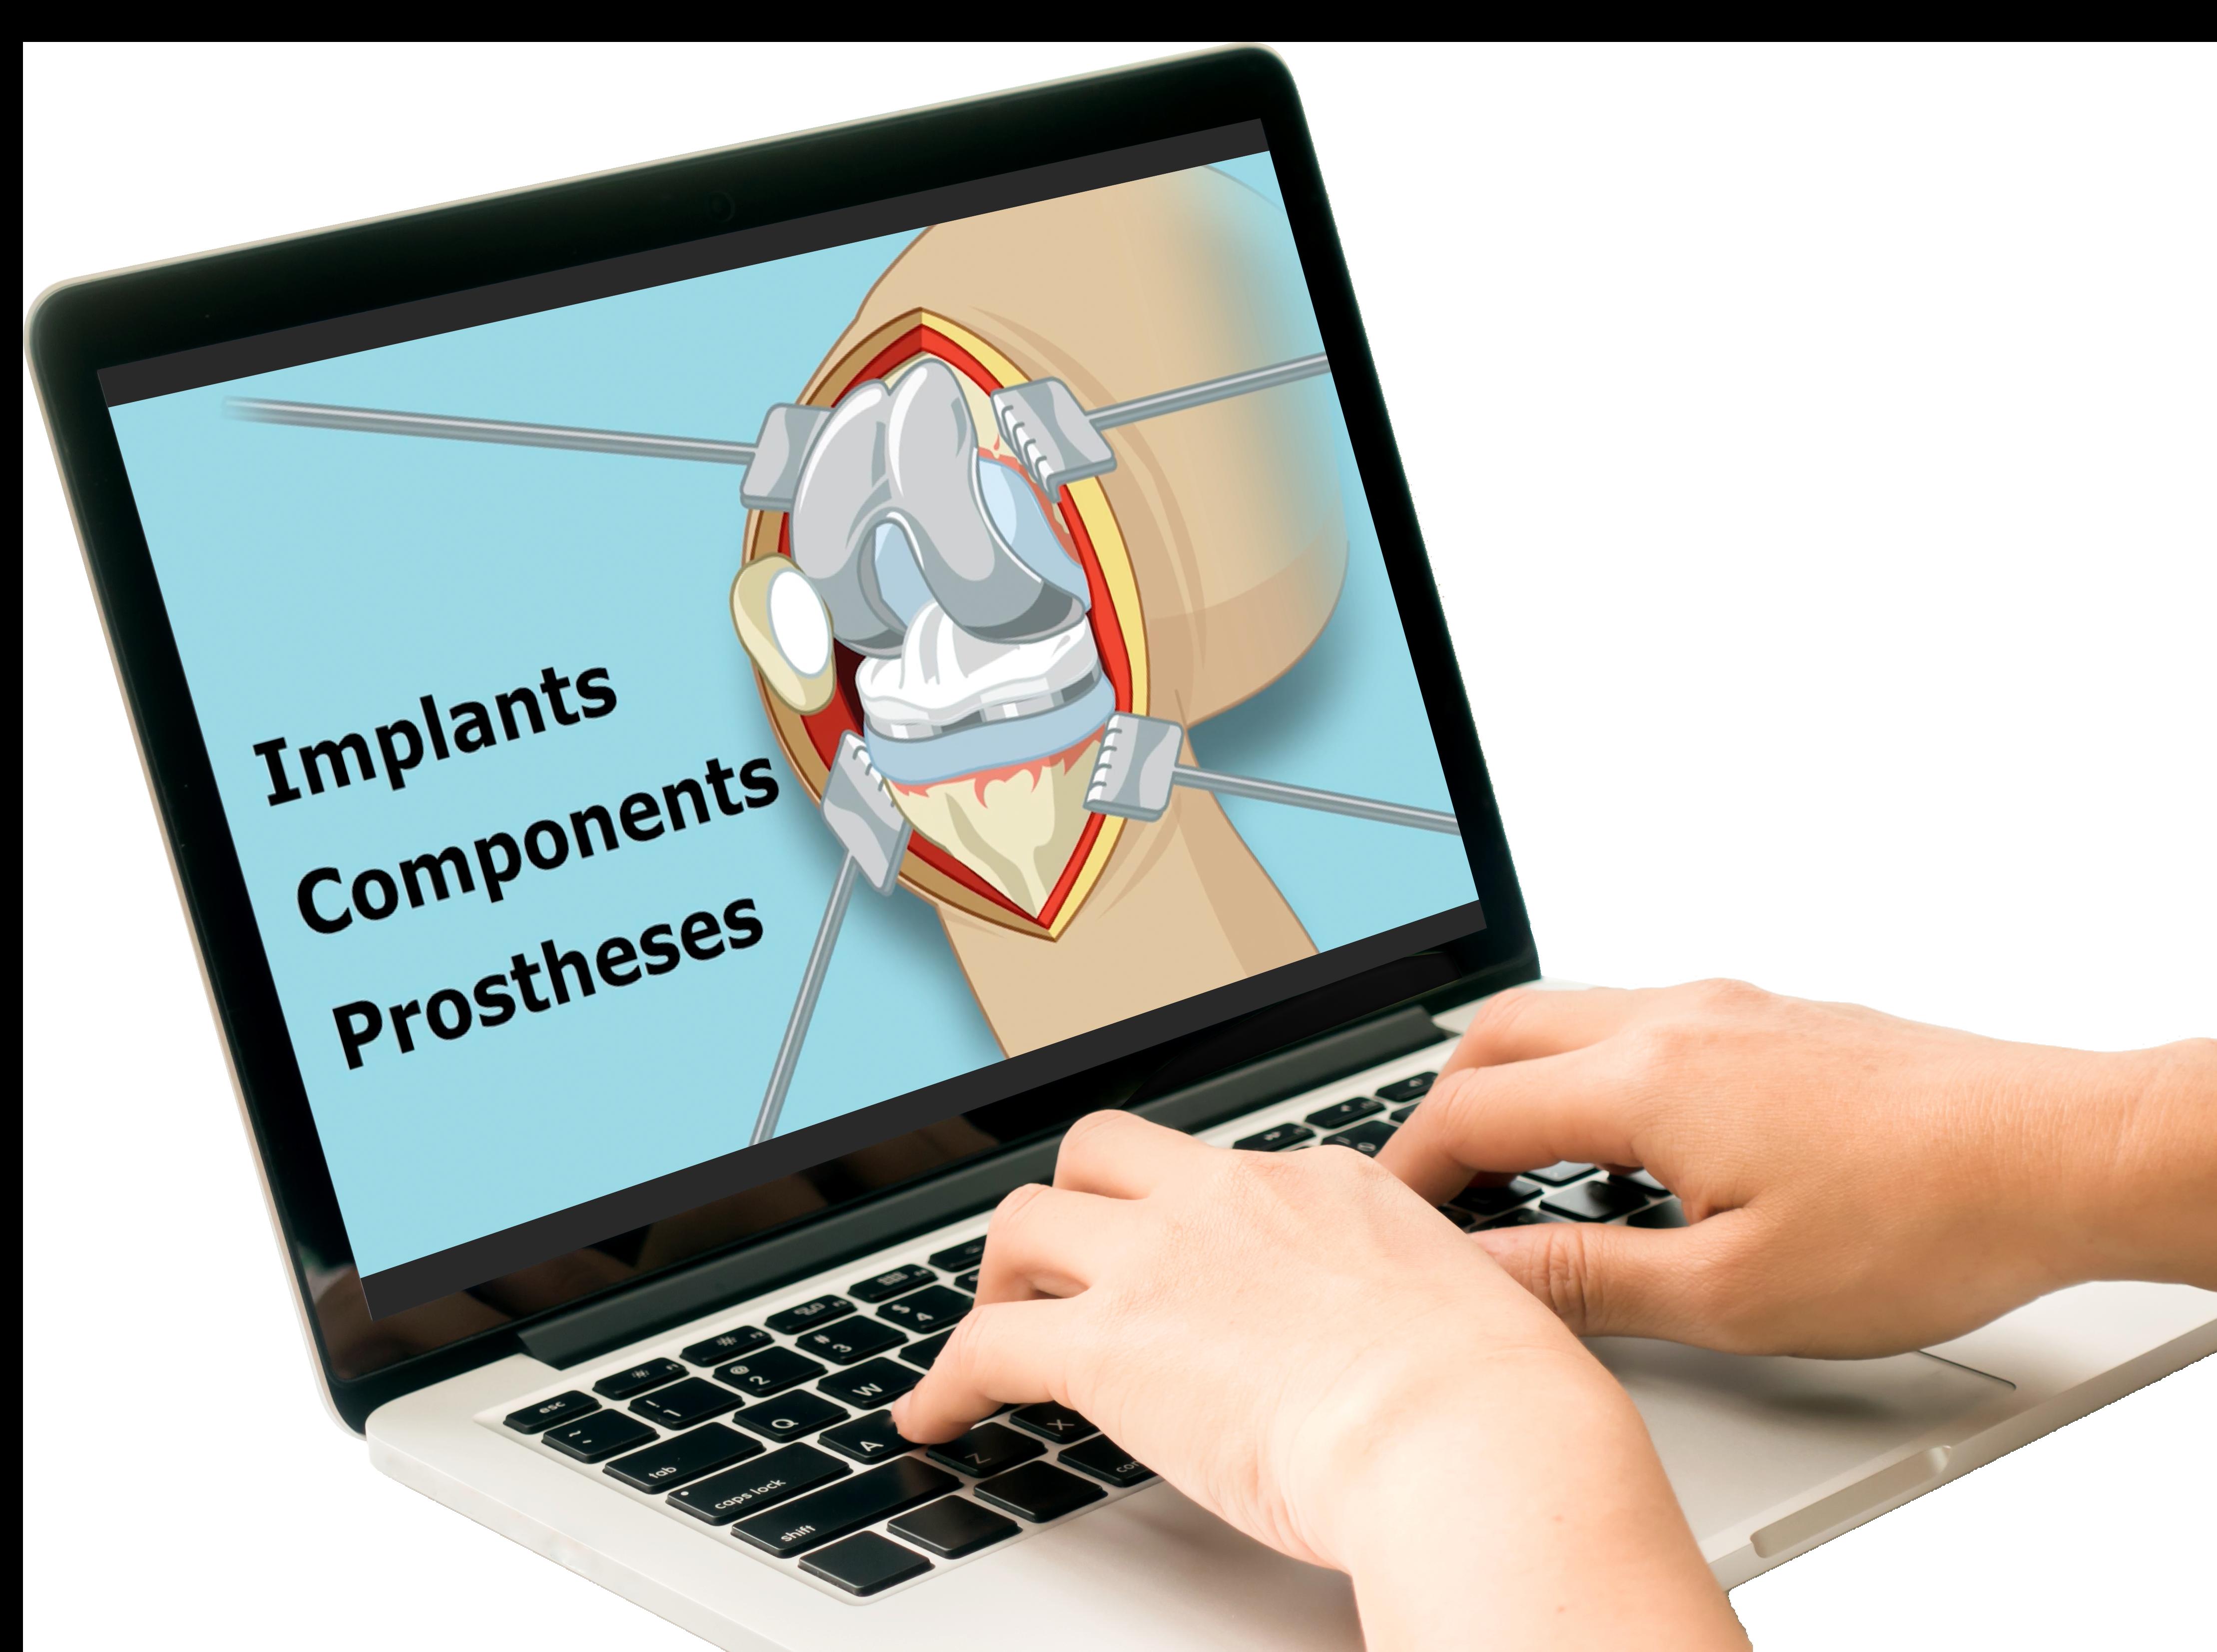 orthopedics_solutions webpage